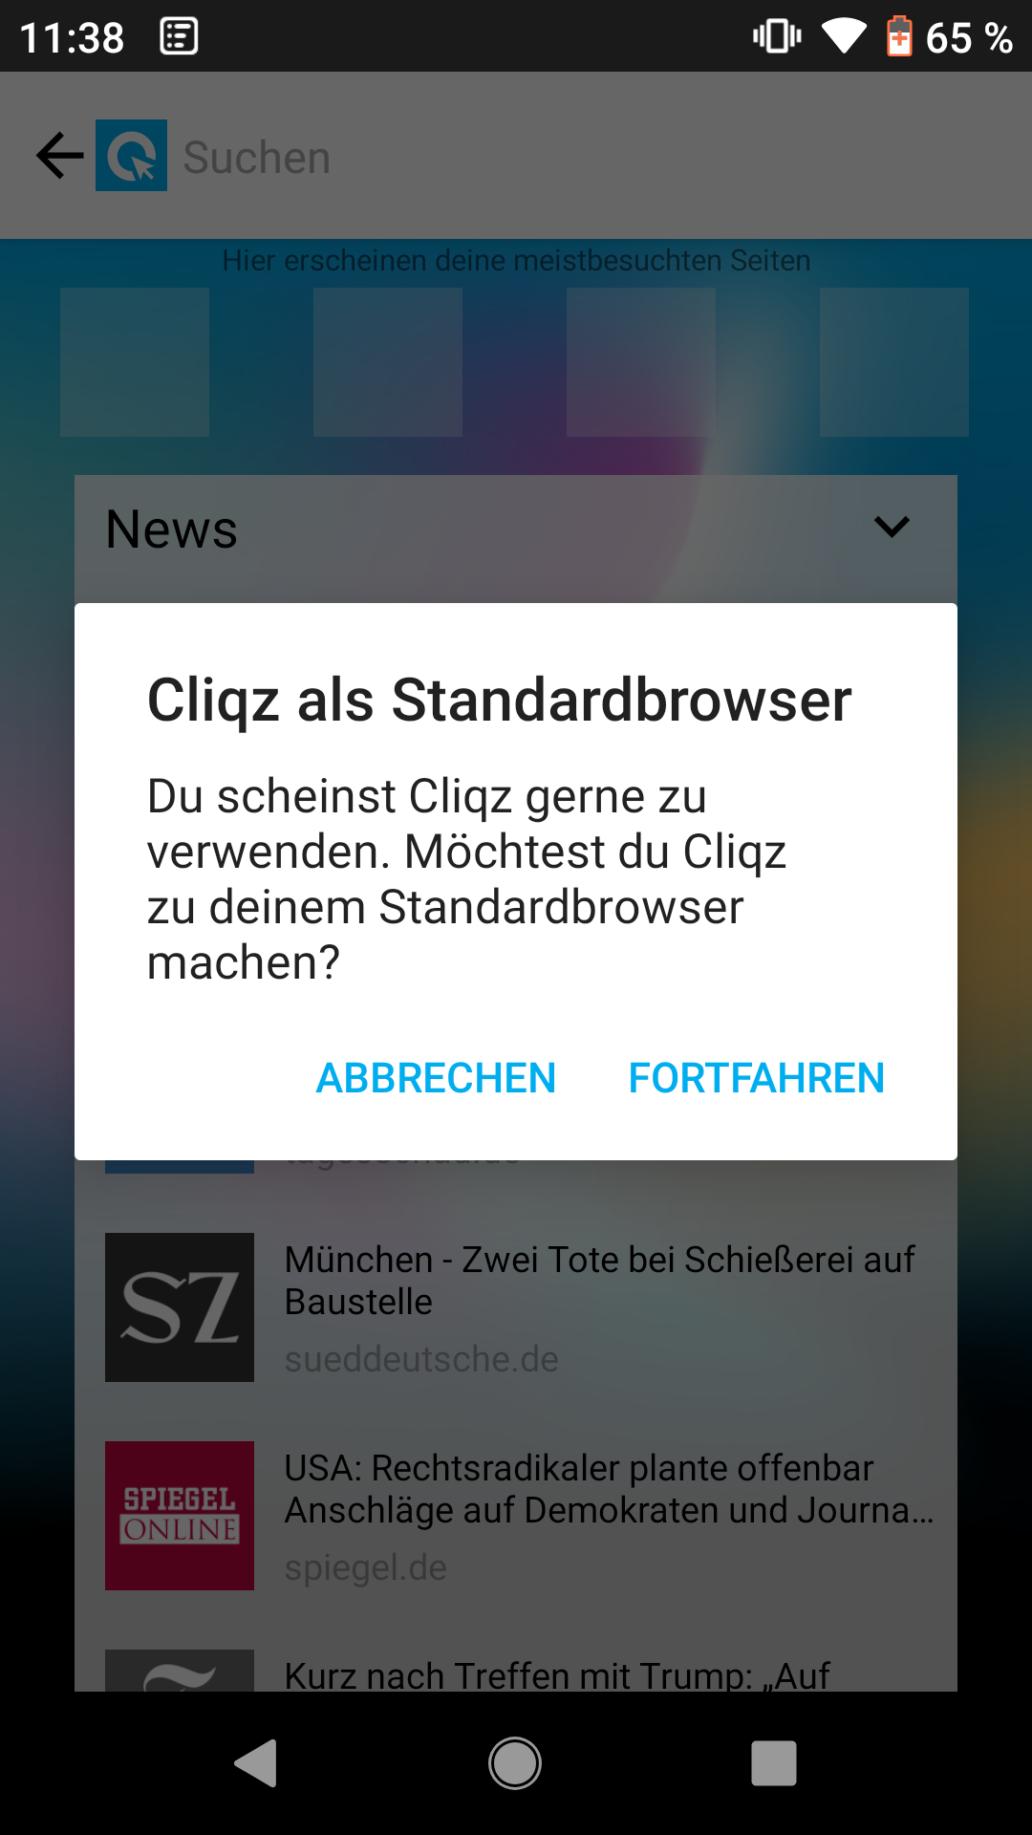 Cliqz als Standardbrowser